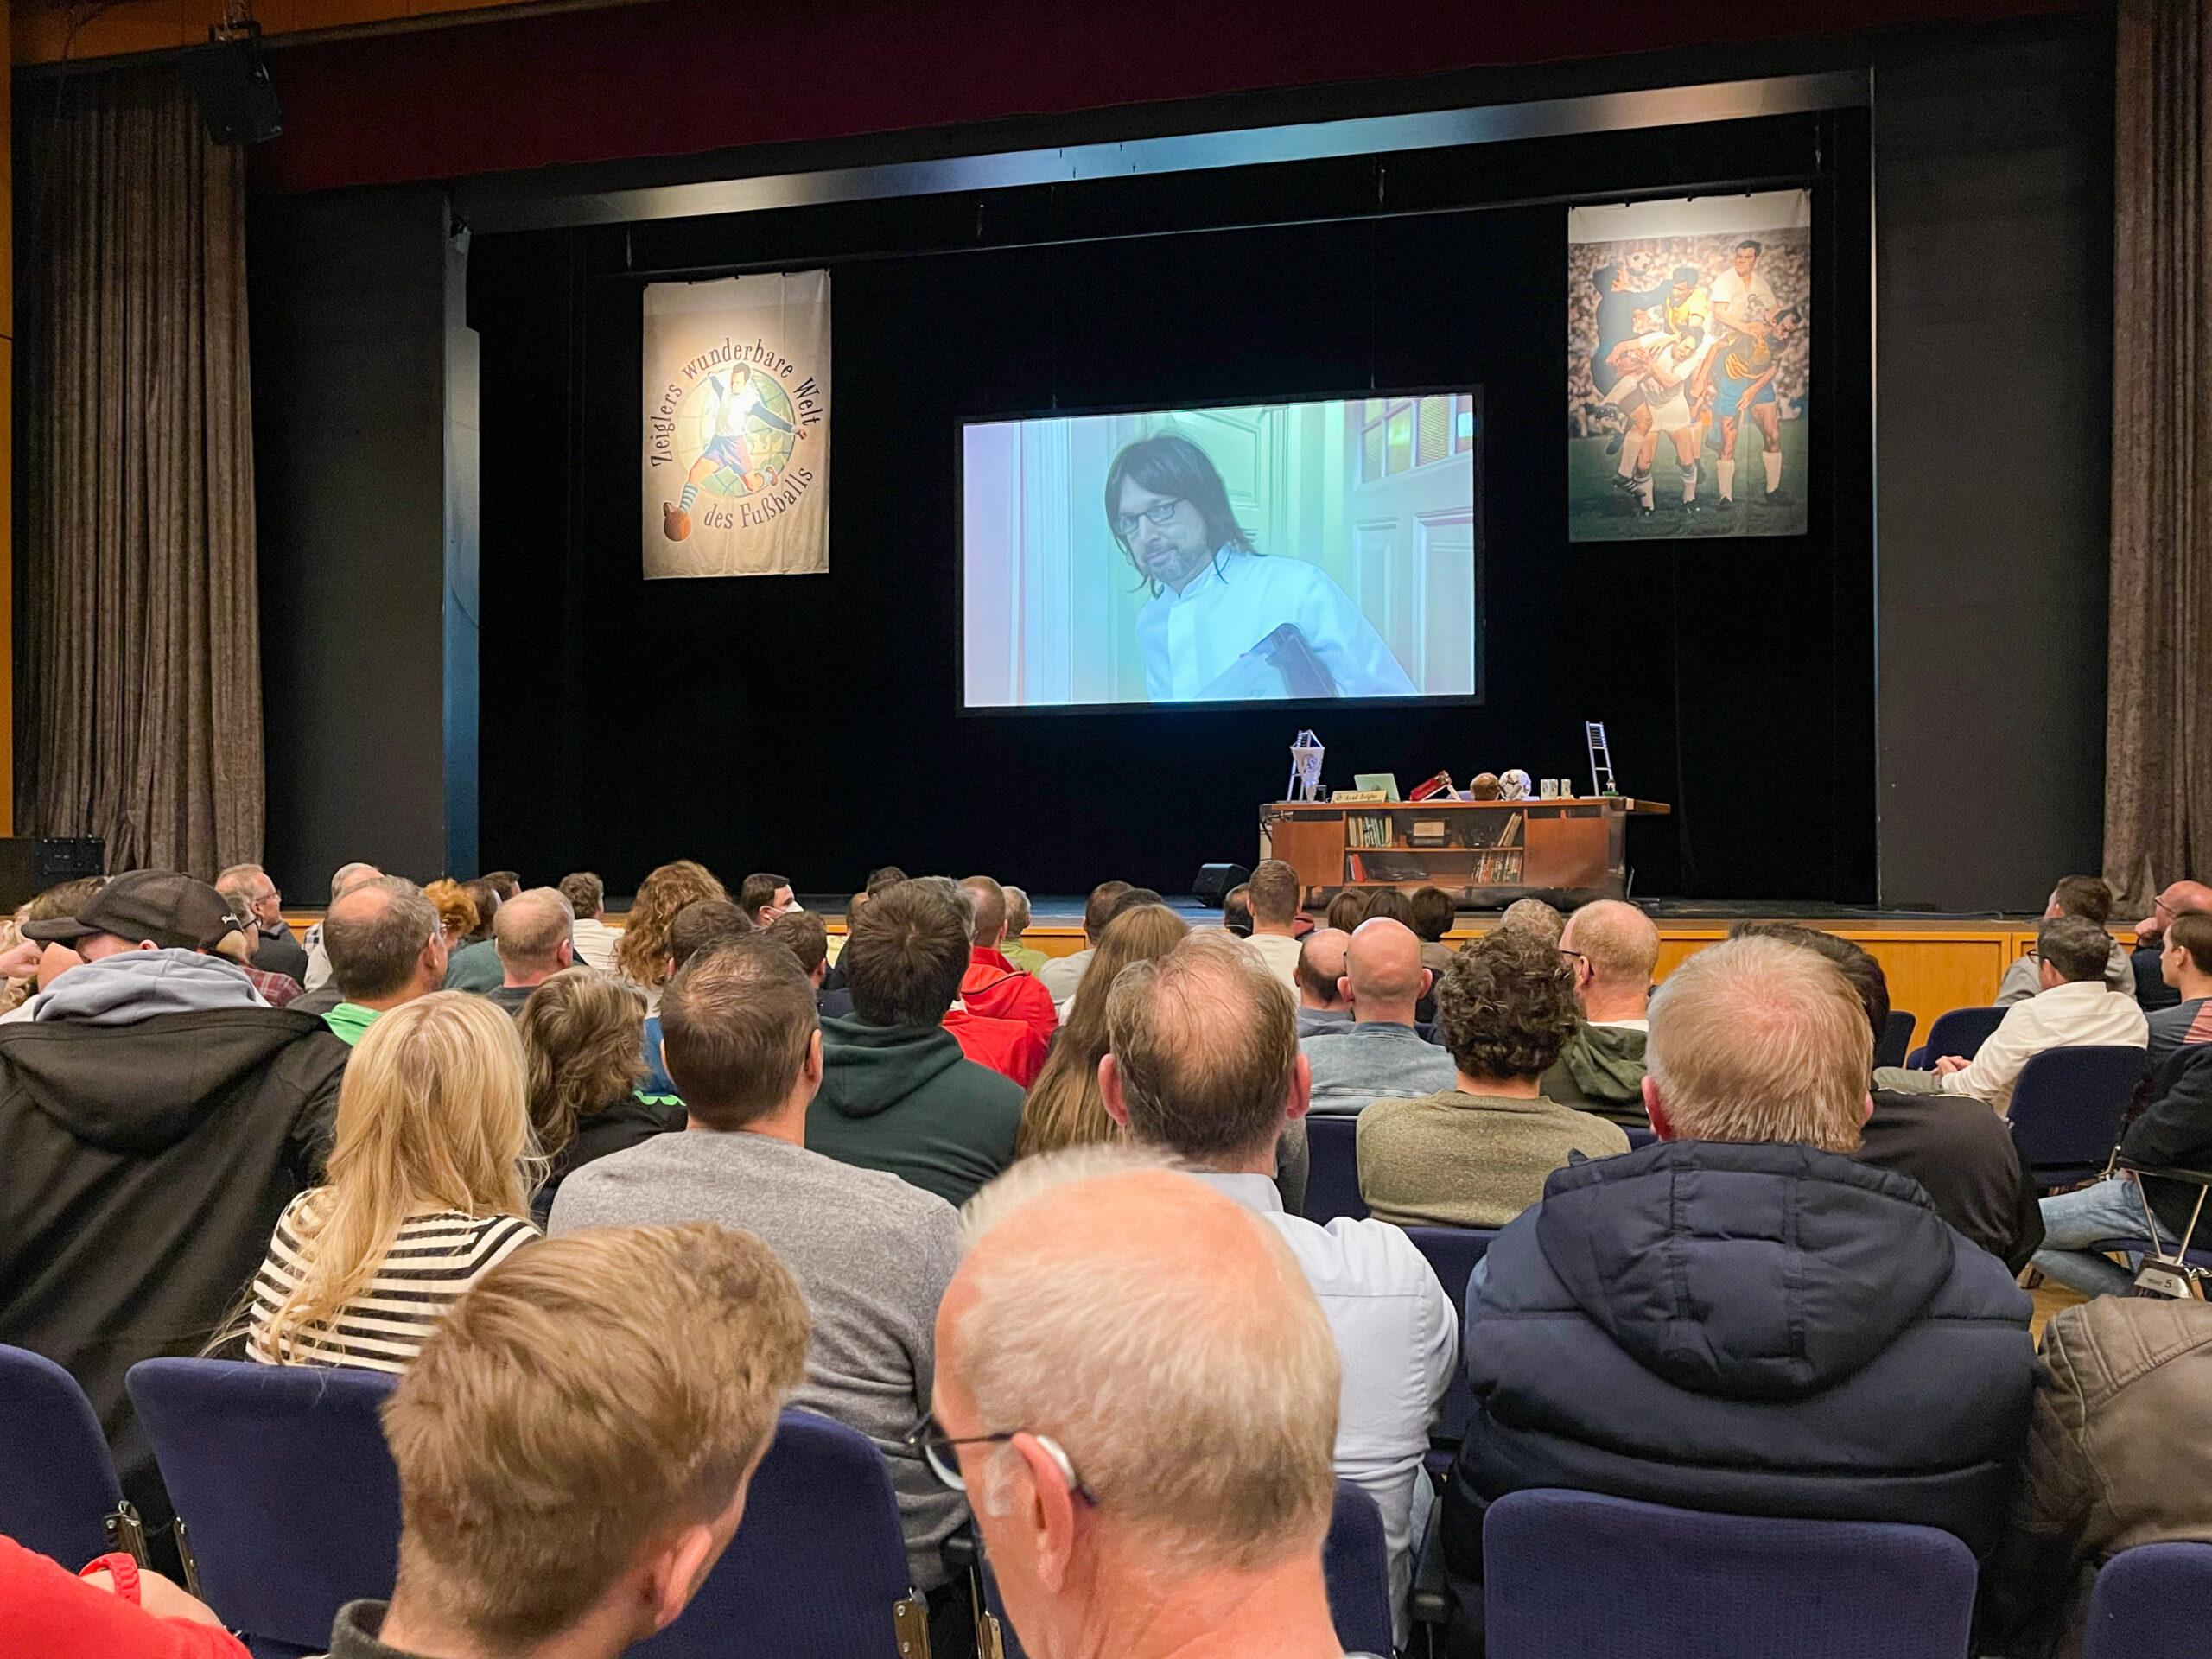 Menschen sitzen dich an dich vor einer Bühne, auf der ein Schreibtisch steht, dahinter eine große Leinwand, auf der ein Mann mit halblangen Haaren, Bart und Brille ins Publikum blickt.